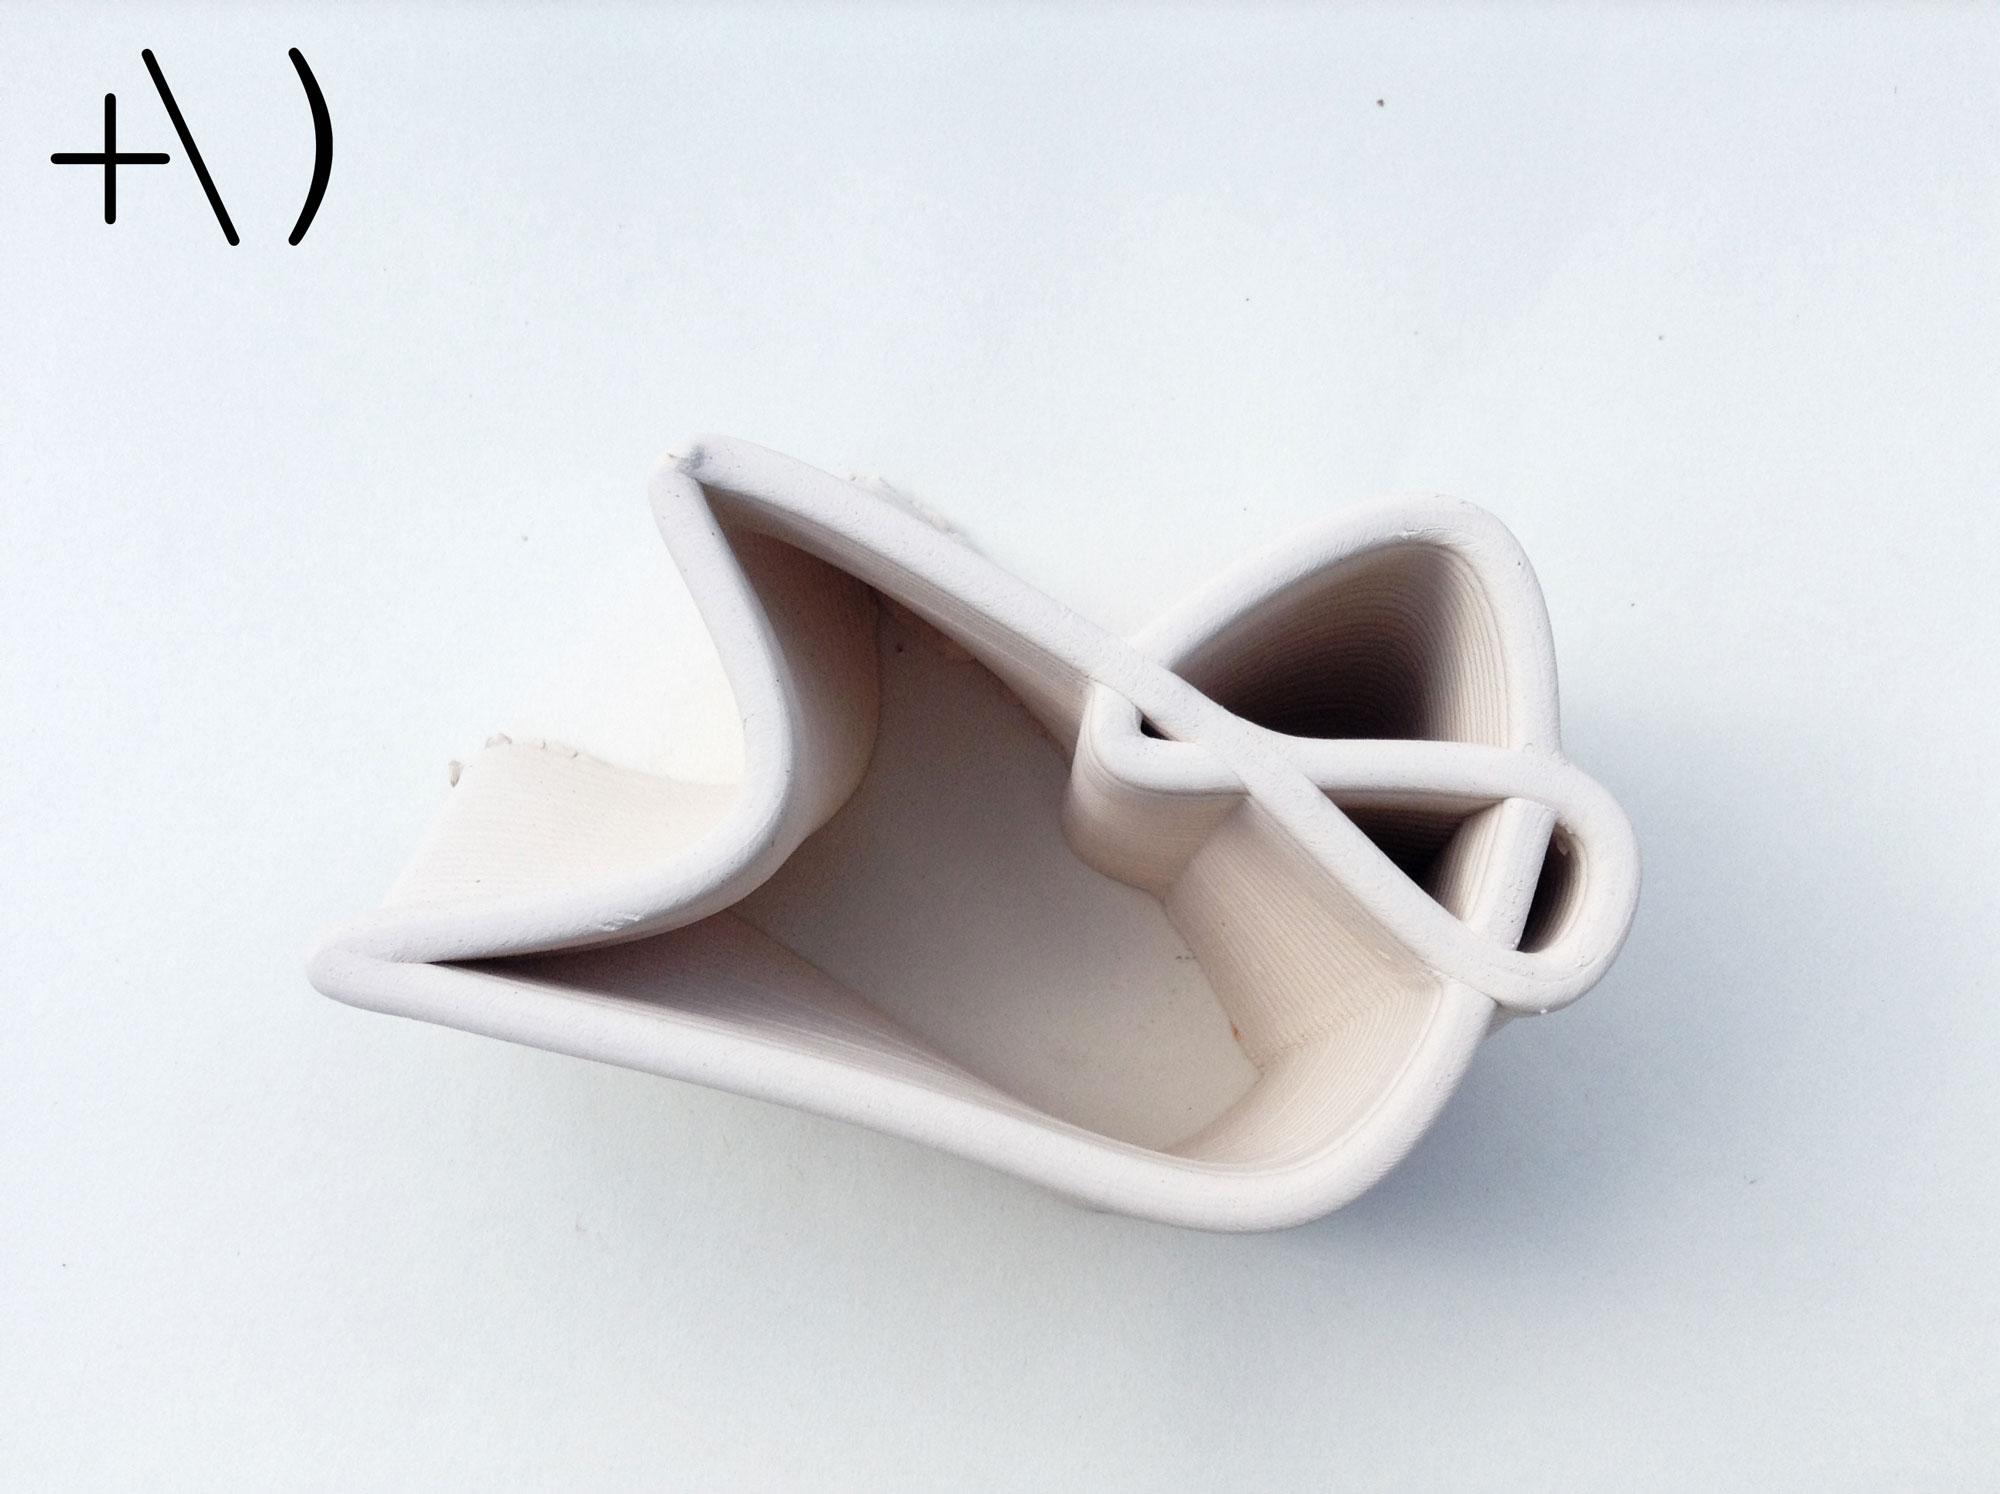 computational clay design intersezione dall'alto